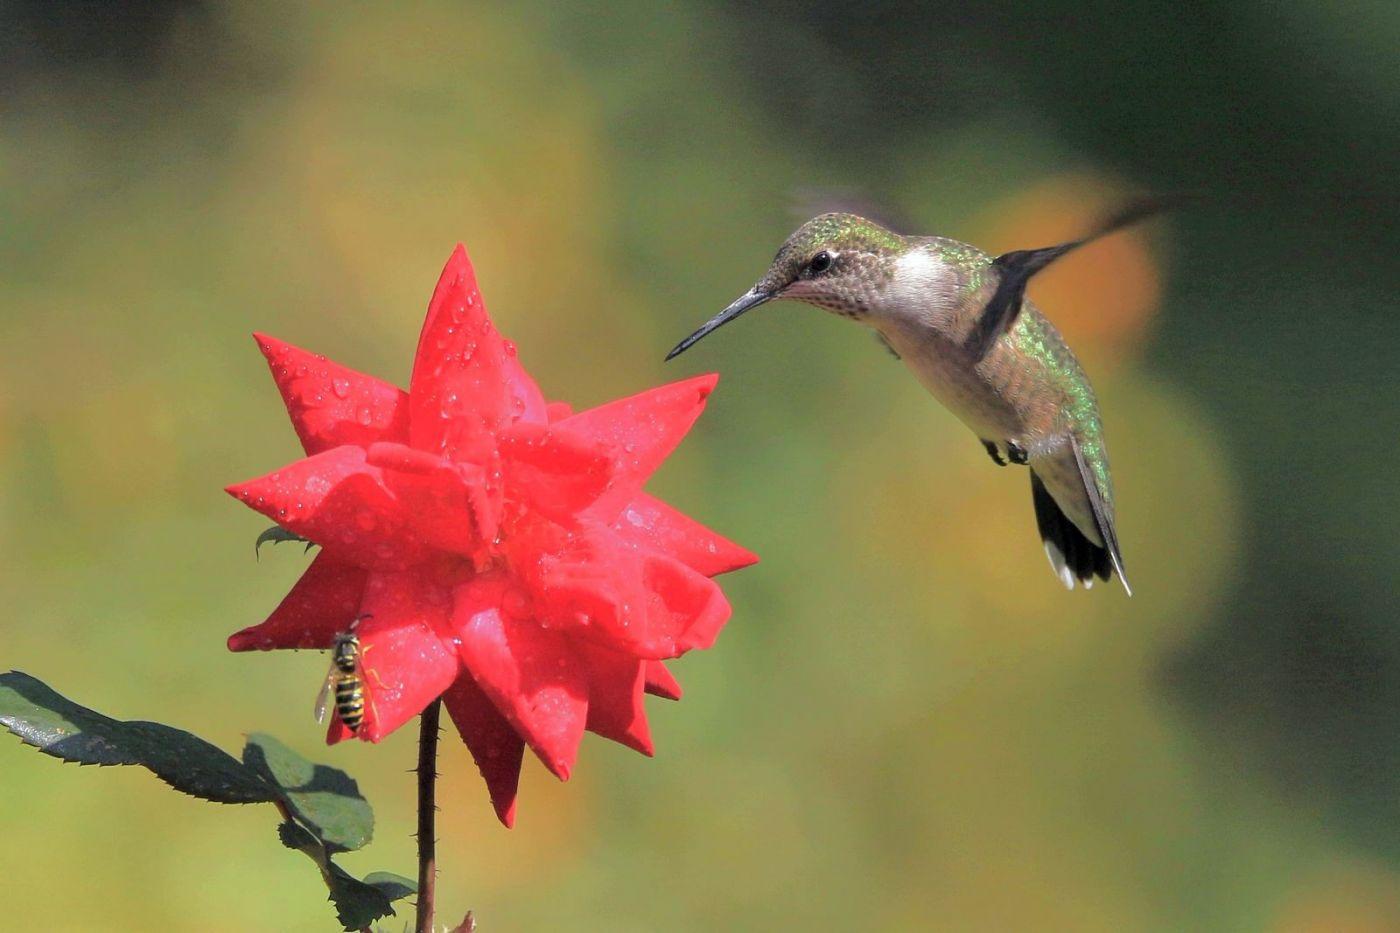 凯辛娜公园拍的蜂鸟_图1-12